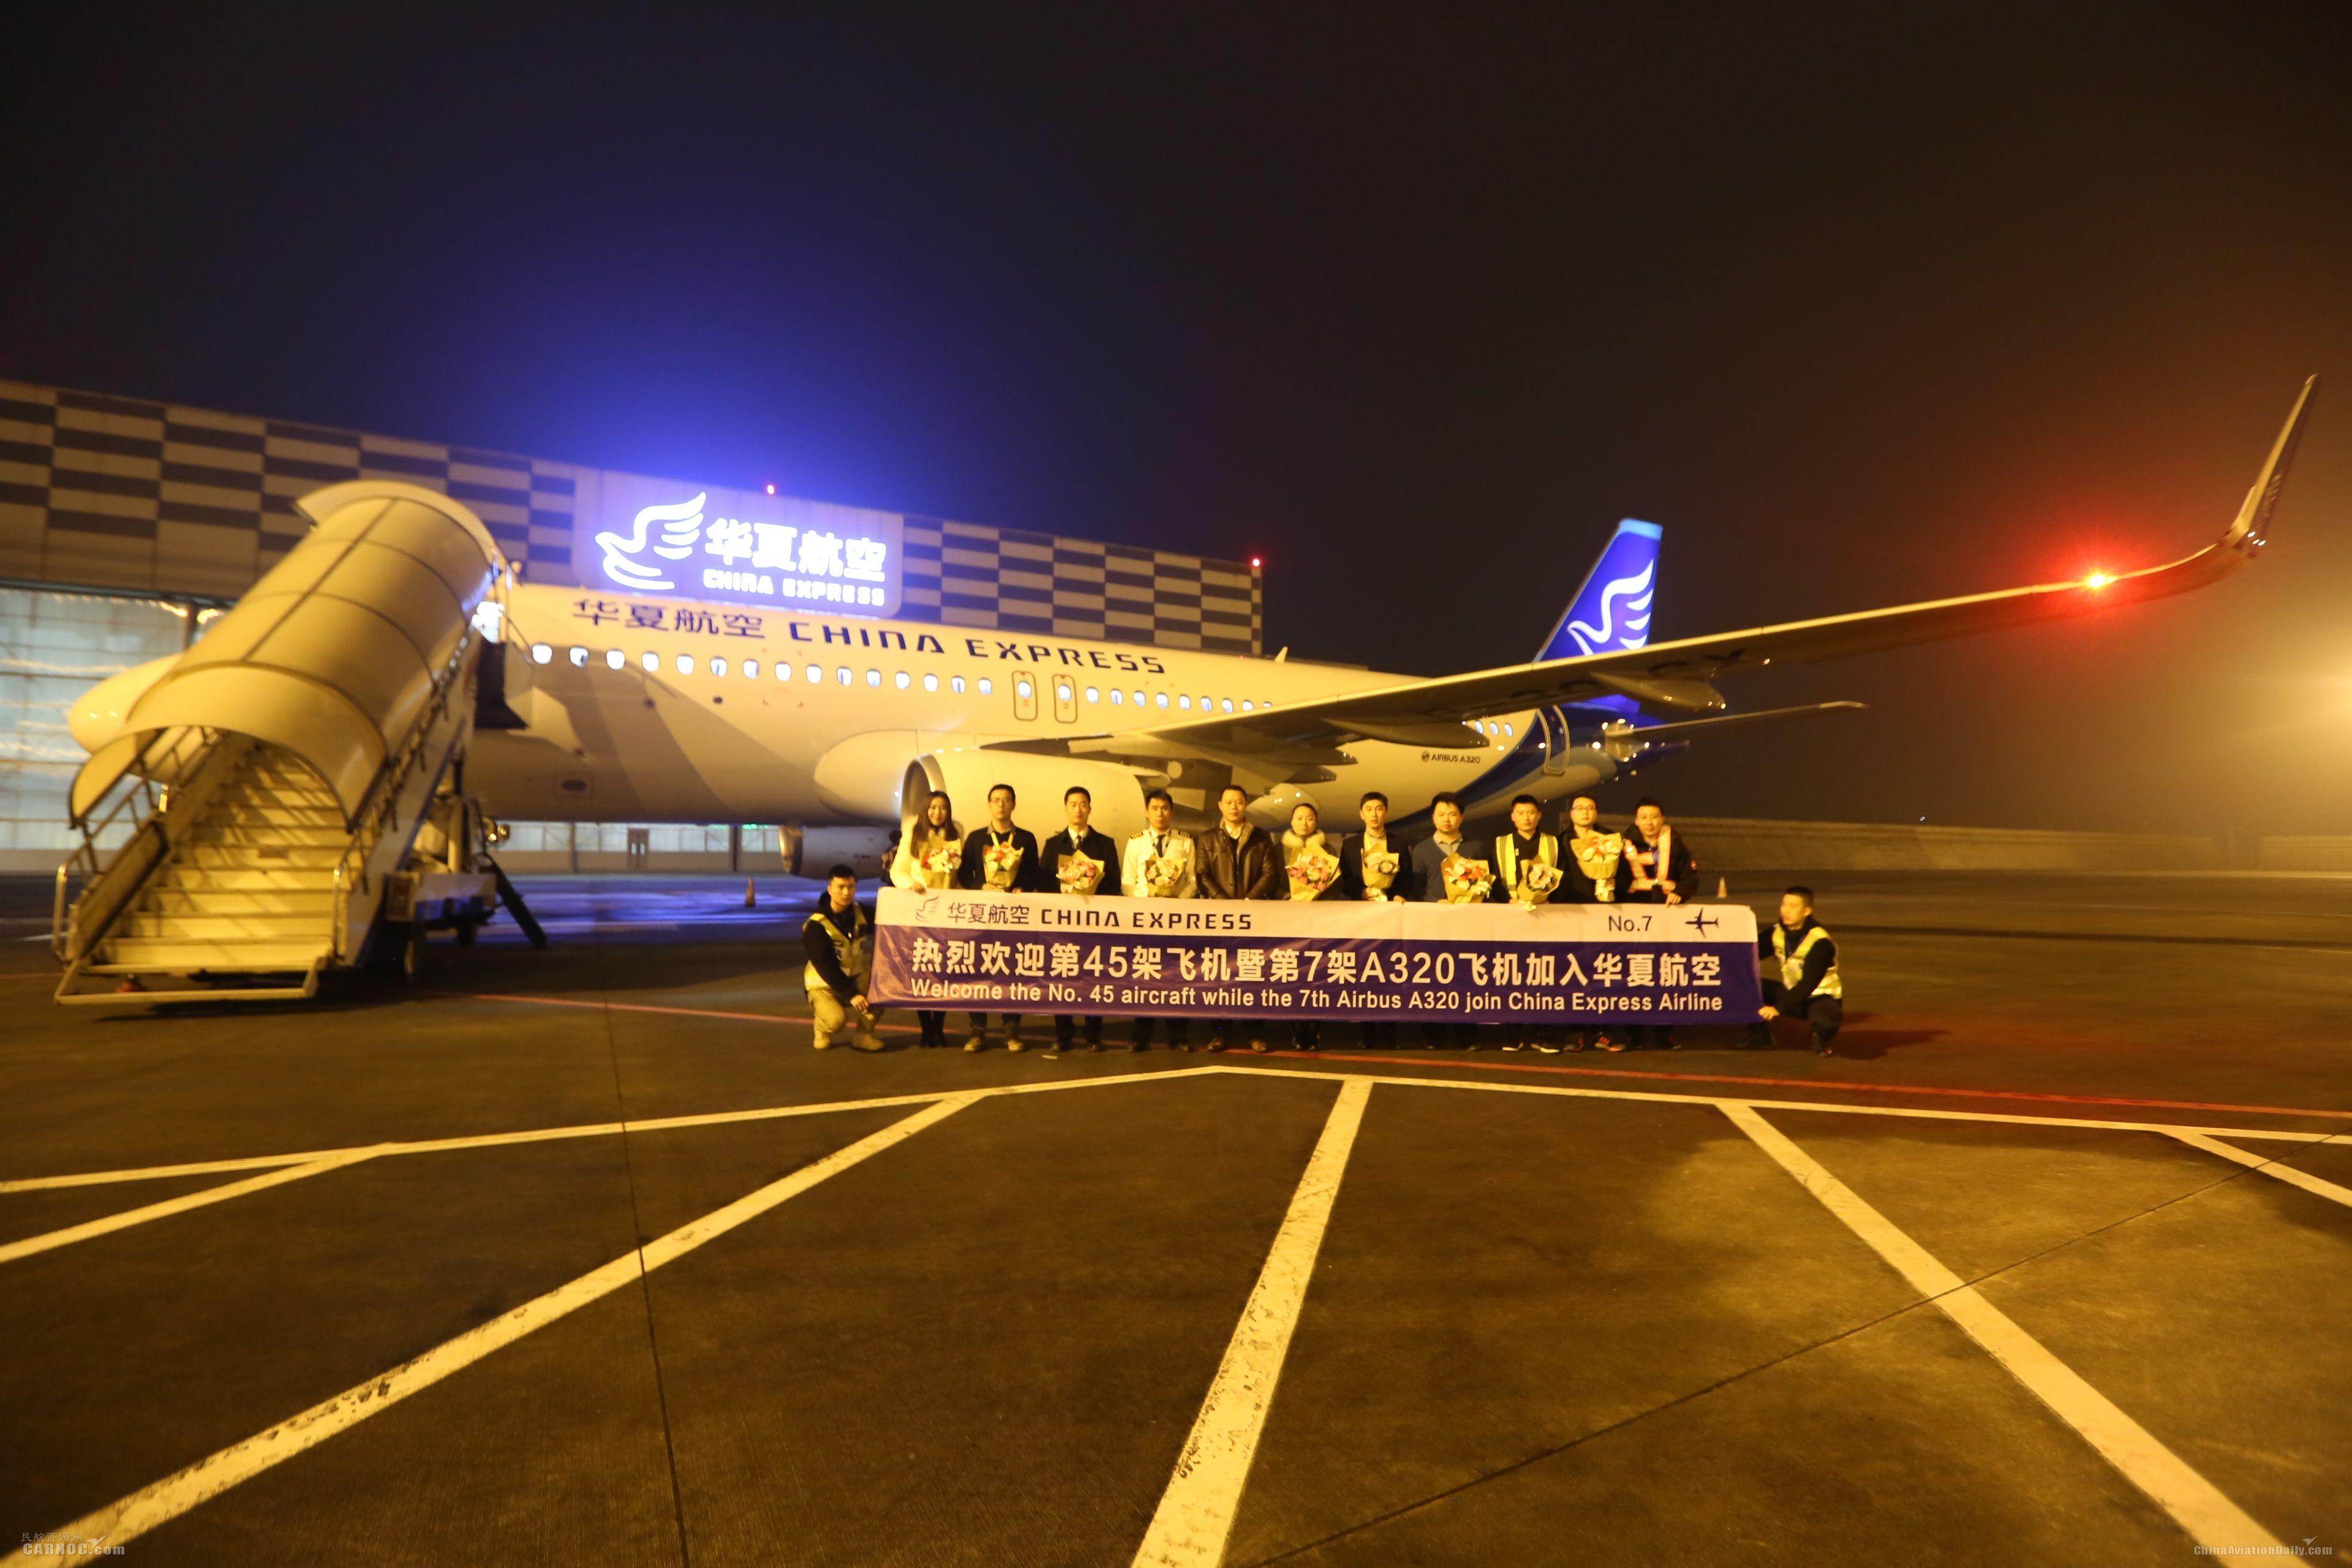 华夏航空迎2019年第一架新飞机 机队规模达45架